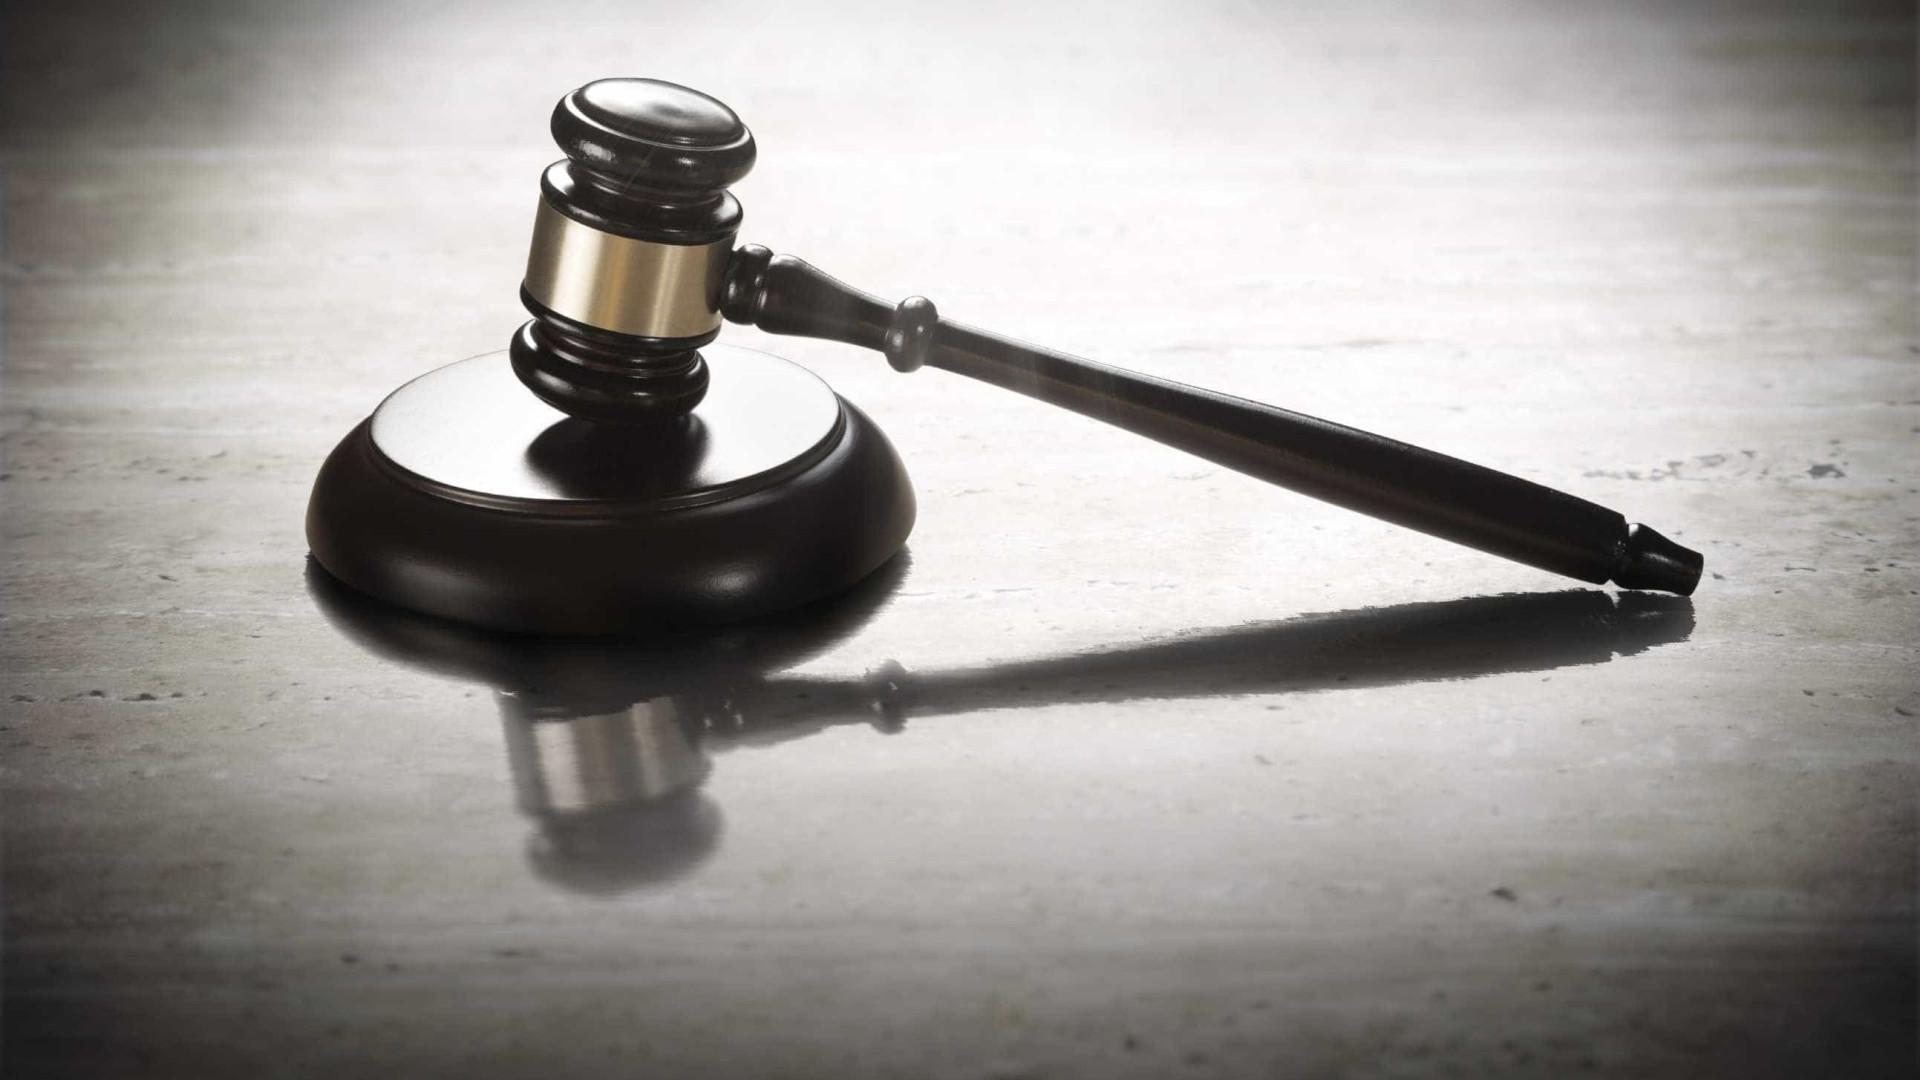 Tribunal tailandês rejeita recurso de espanhol condenado à morte